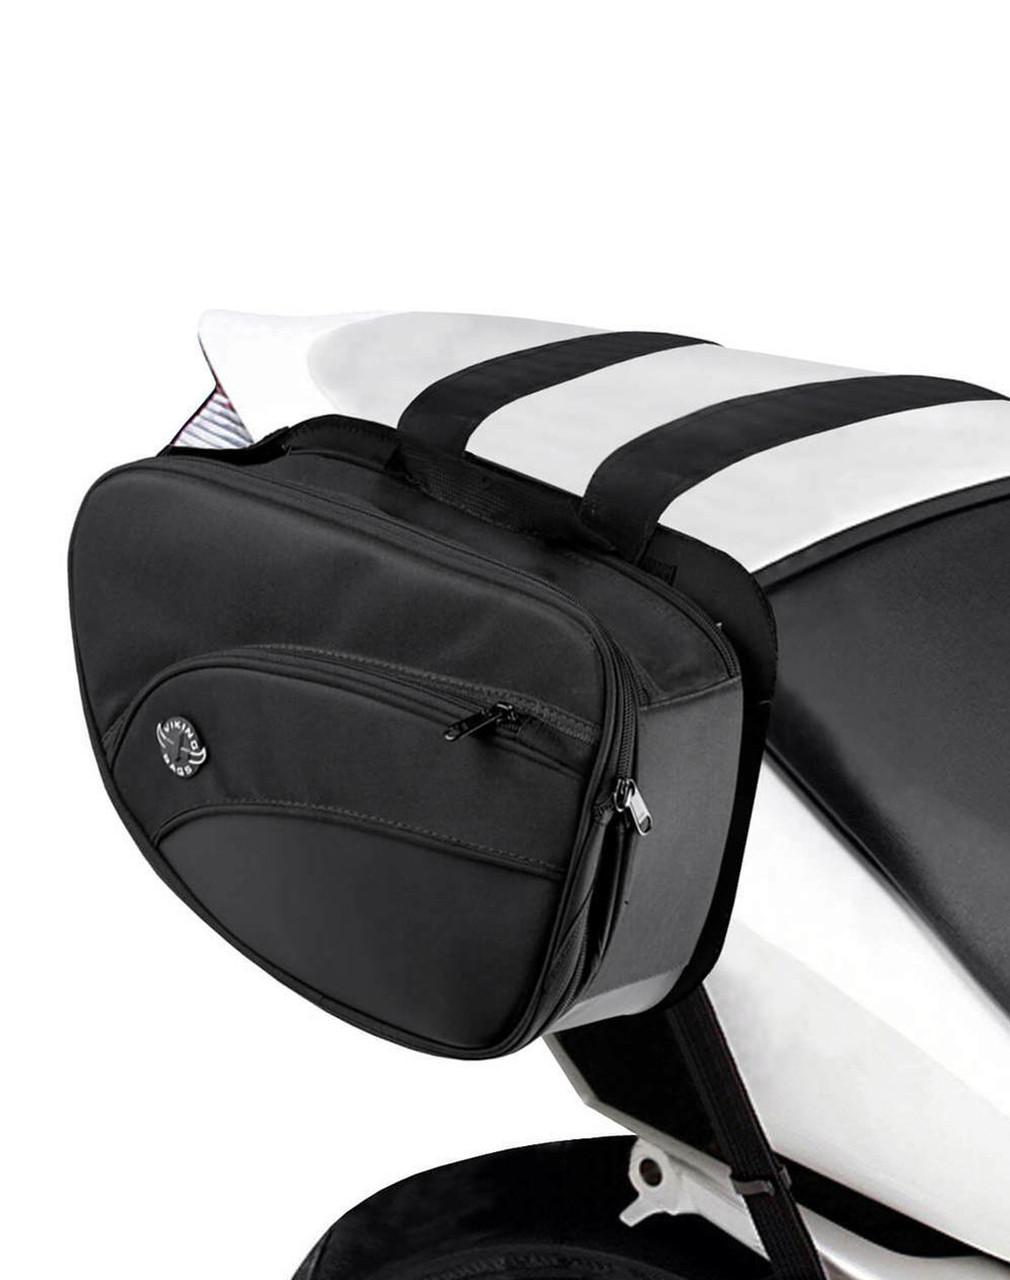 Viking Mini Expandable Black Motorcycle Triumph Bonneville T120 Saddlebags Bag on Bike Side View